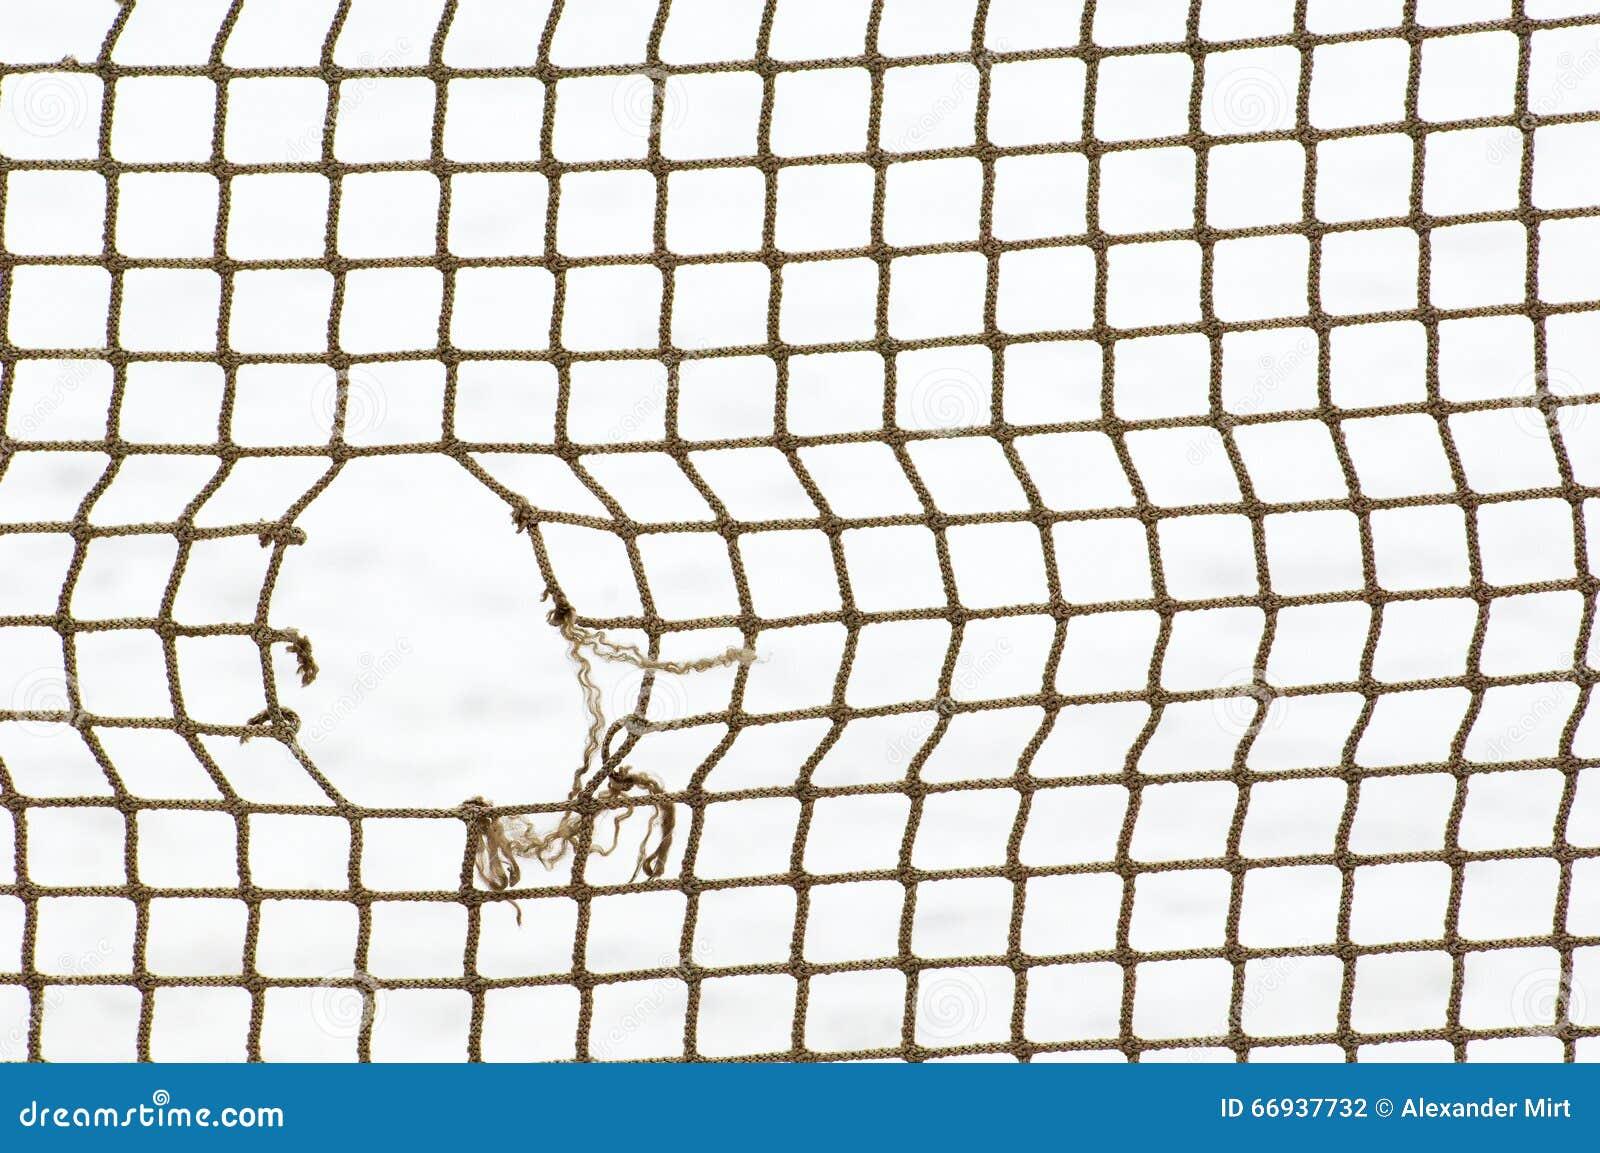 Sportnetz mit Loch